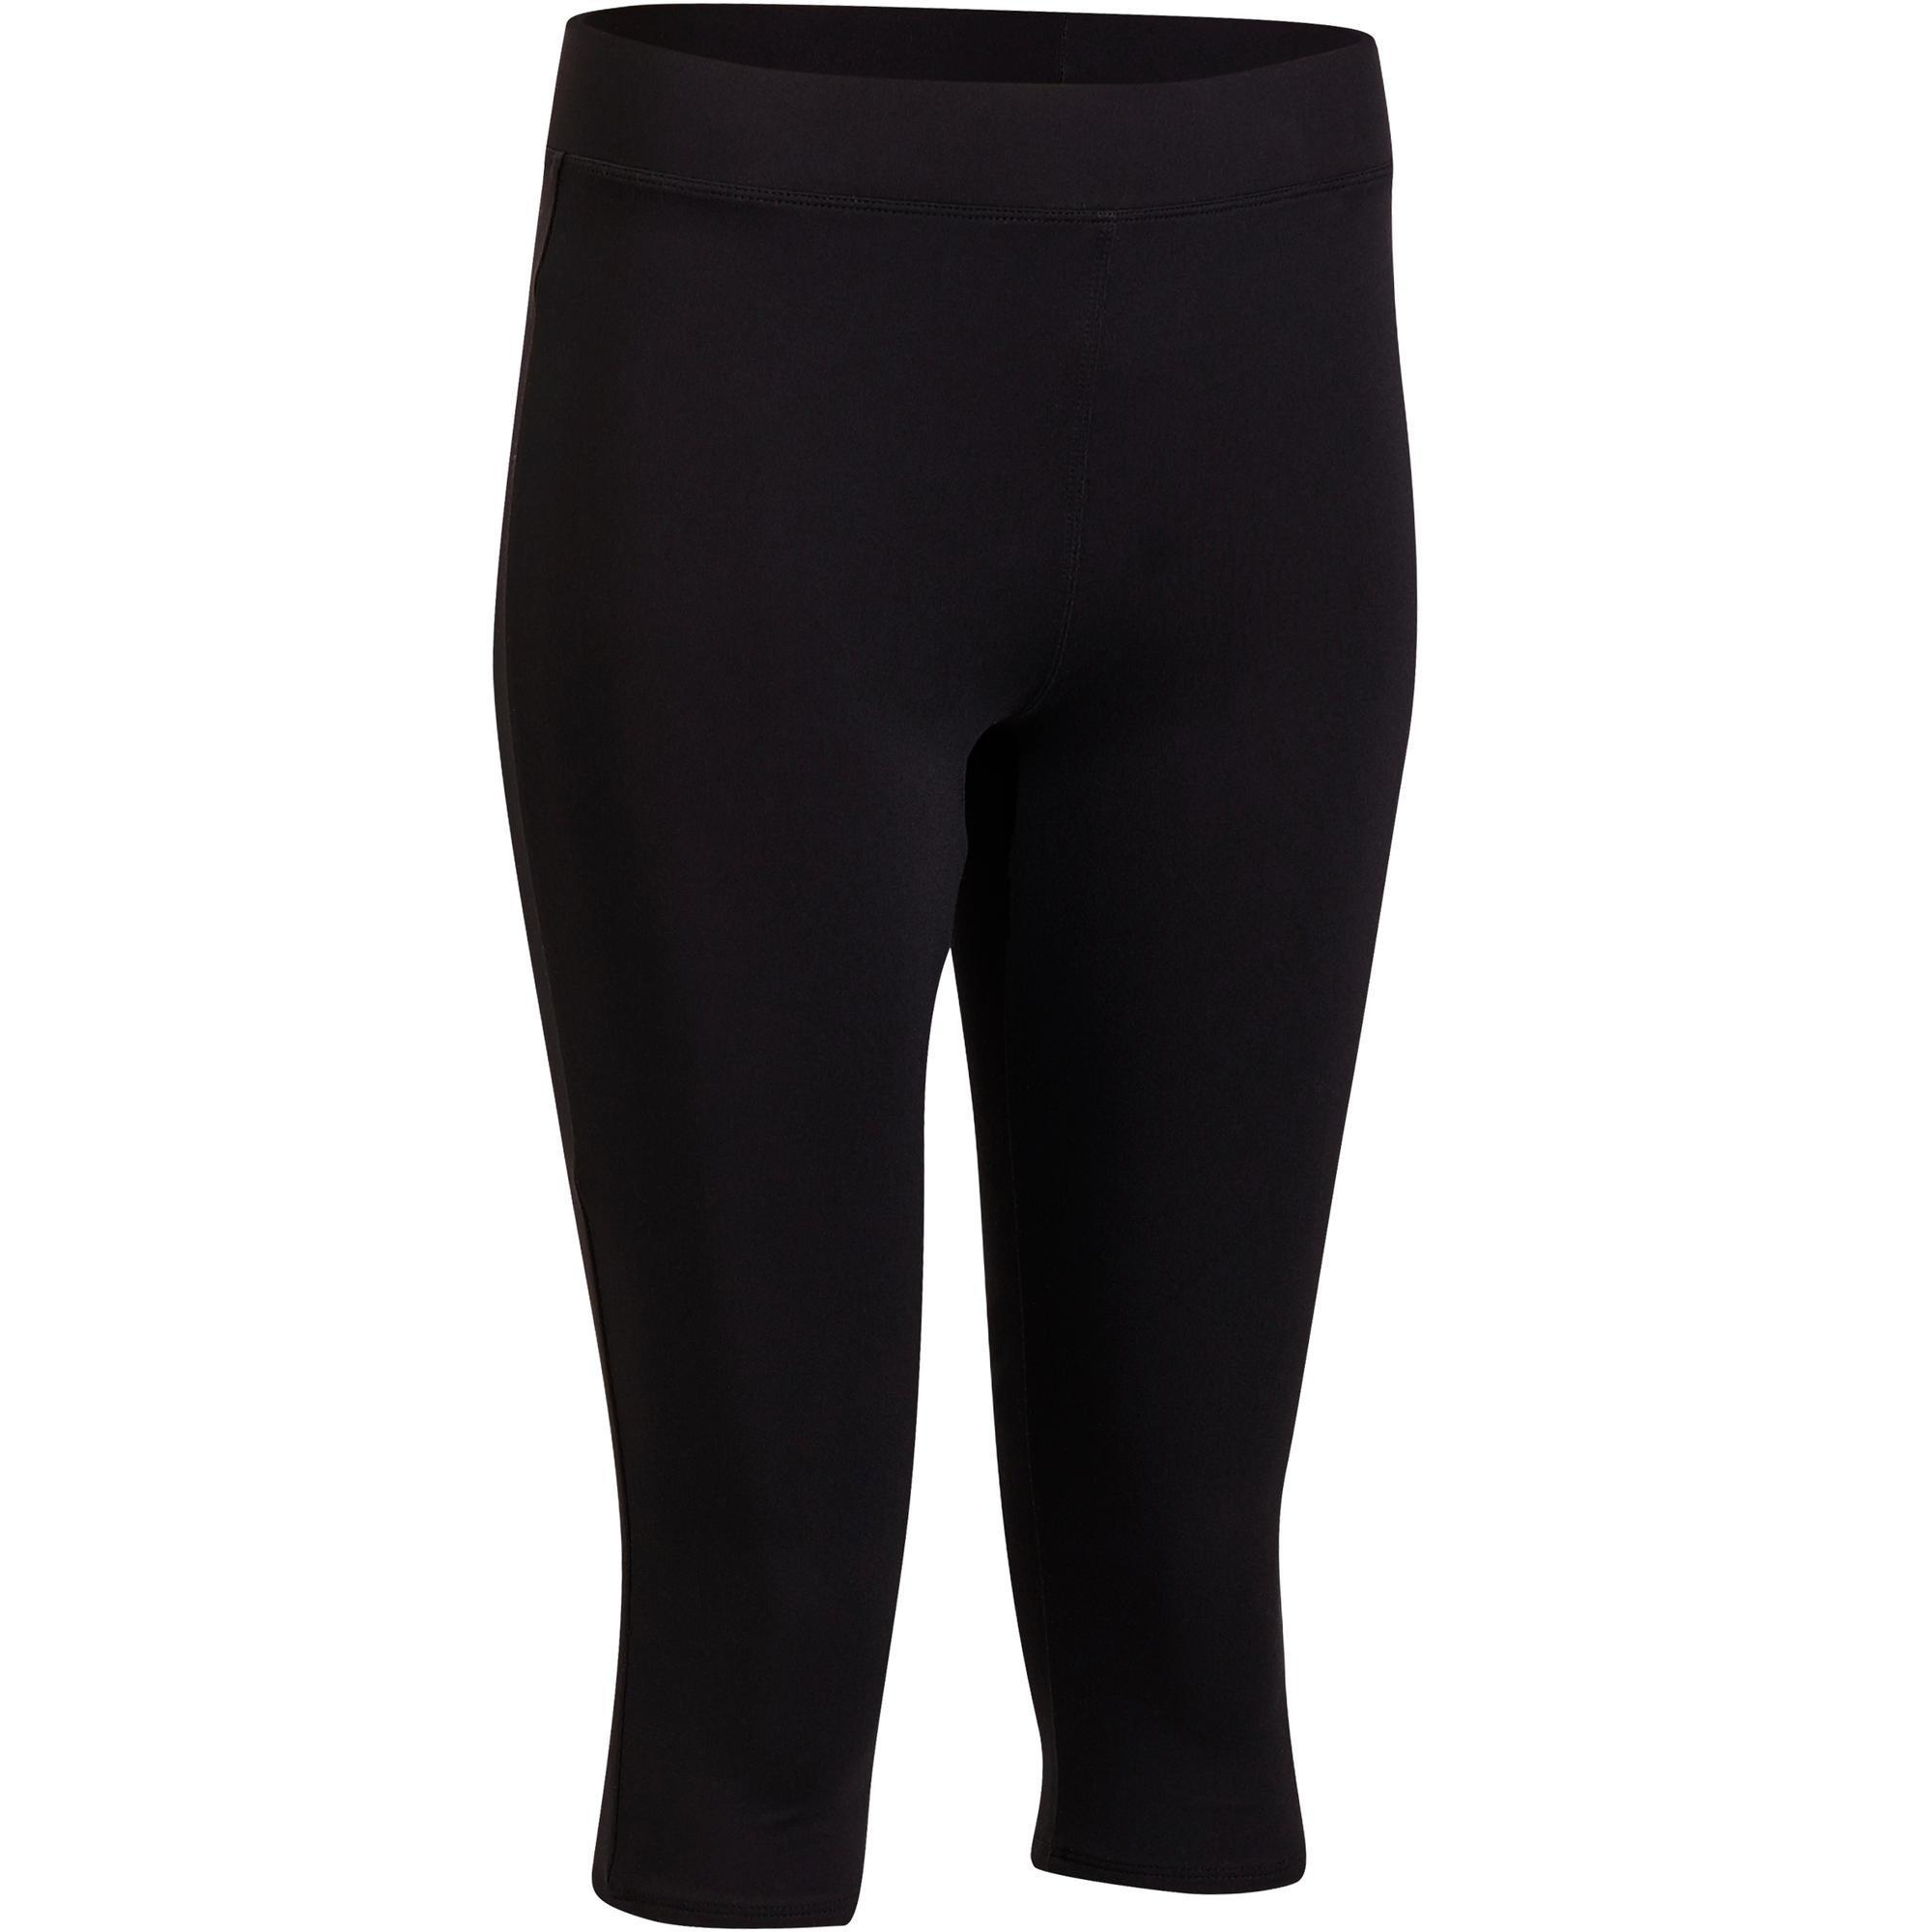 Domyos Fitness legging 100 voor dames 3/4, zwart